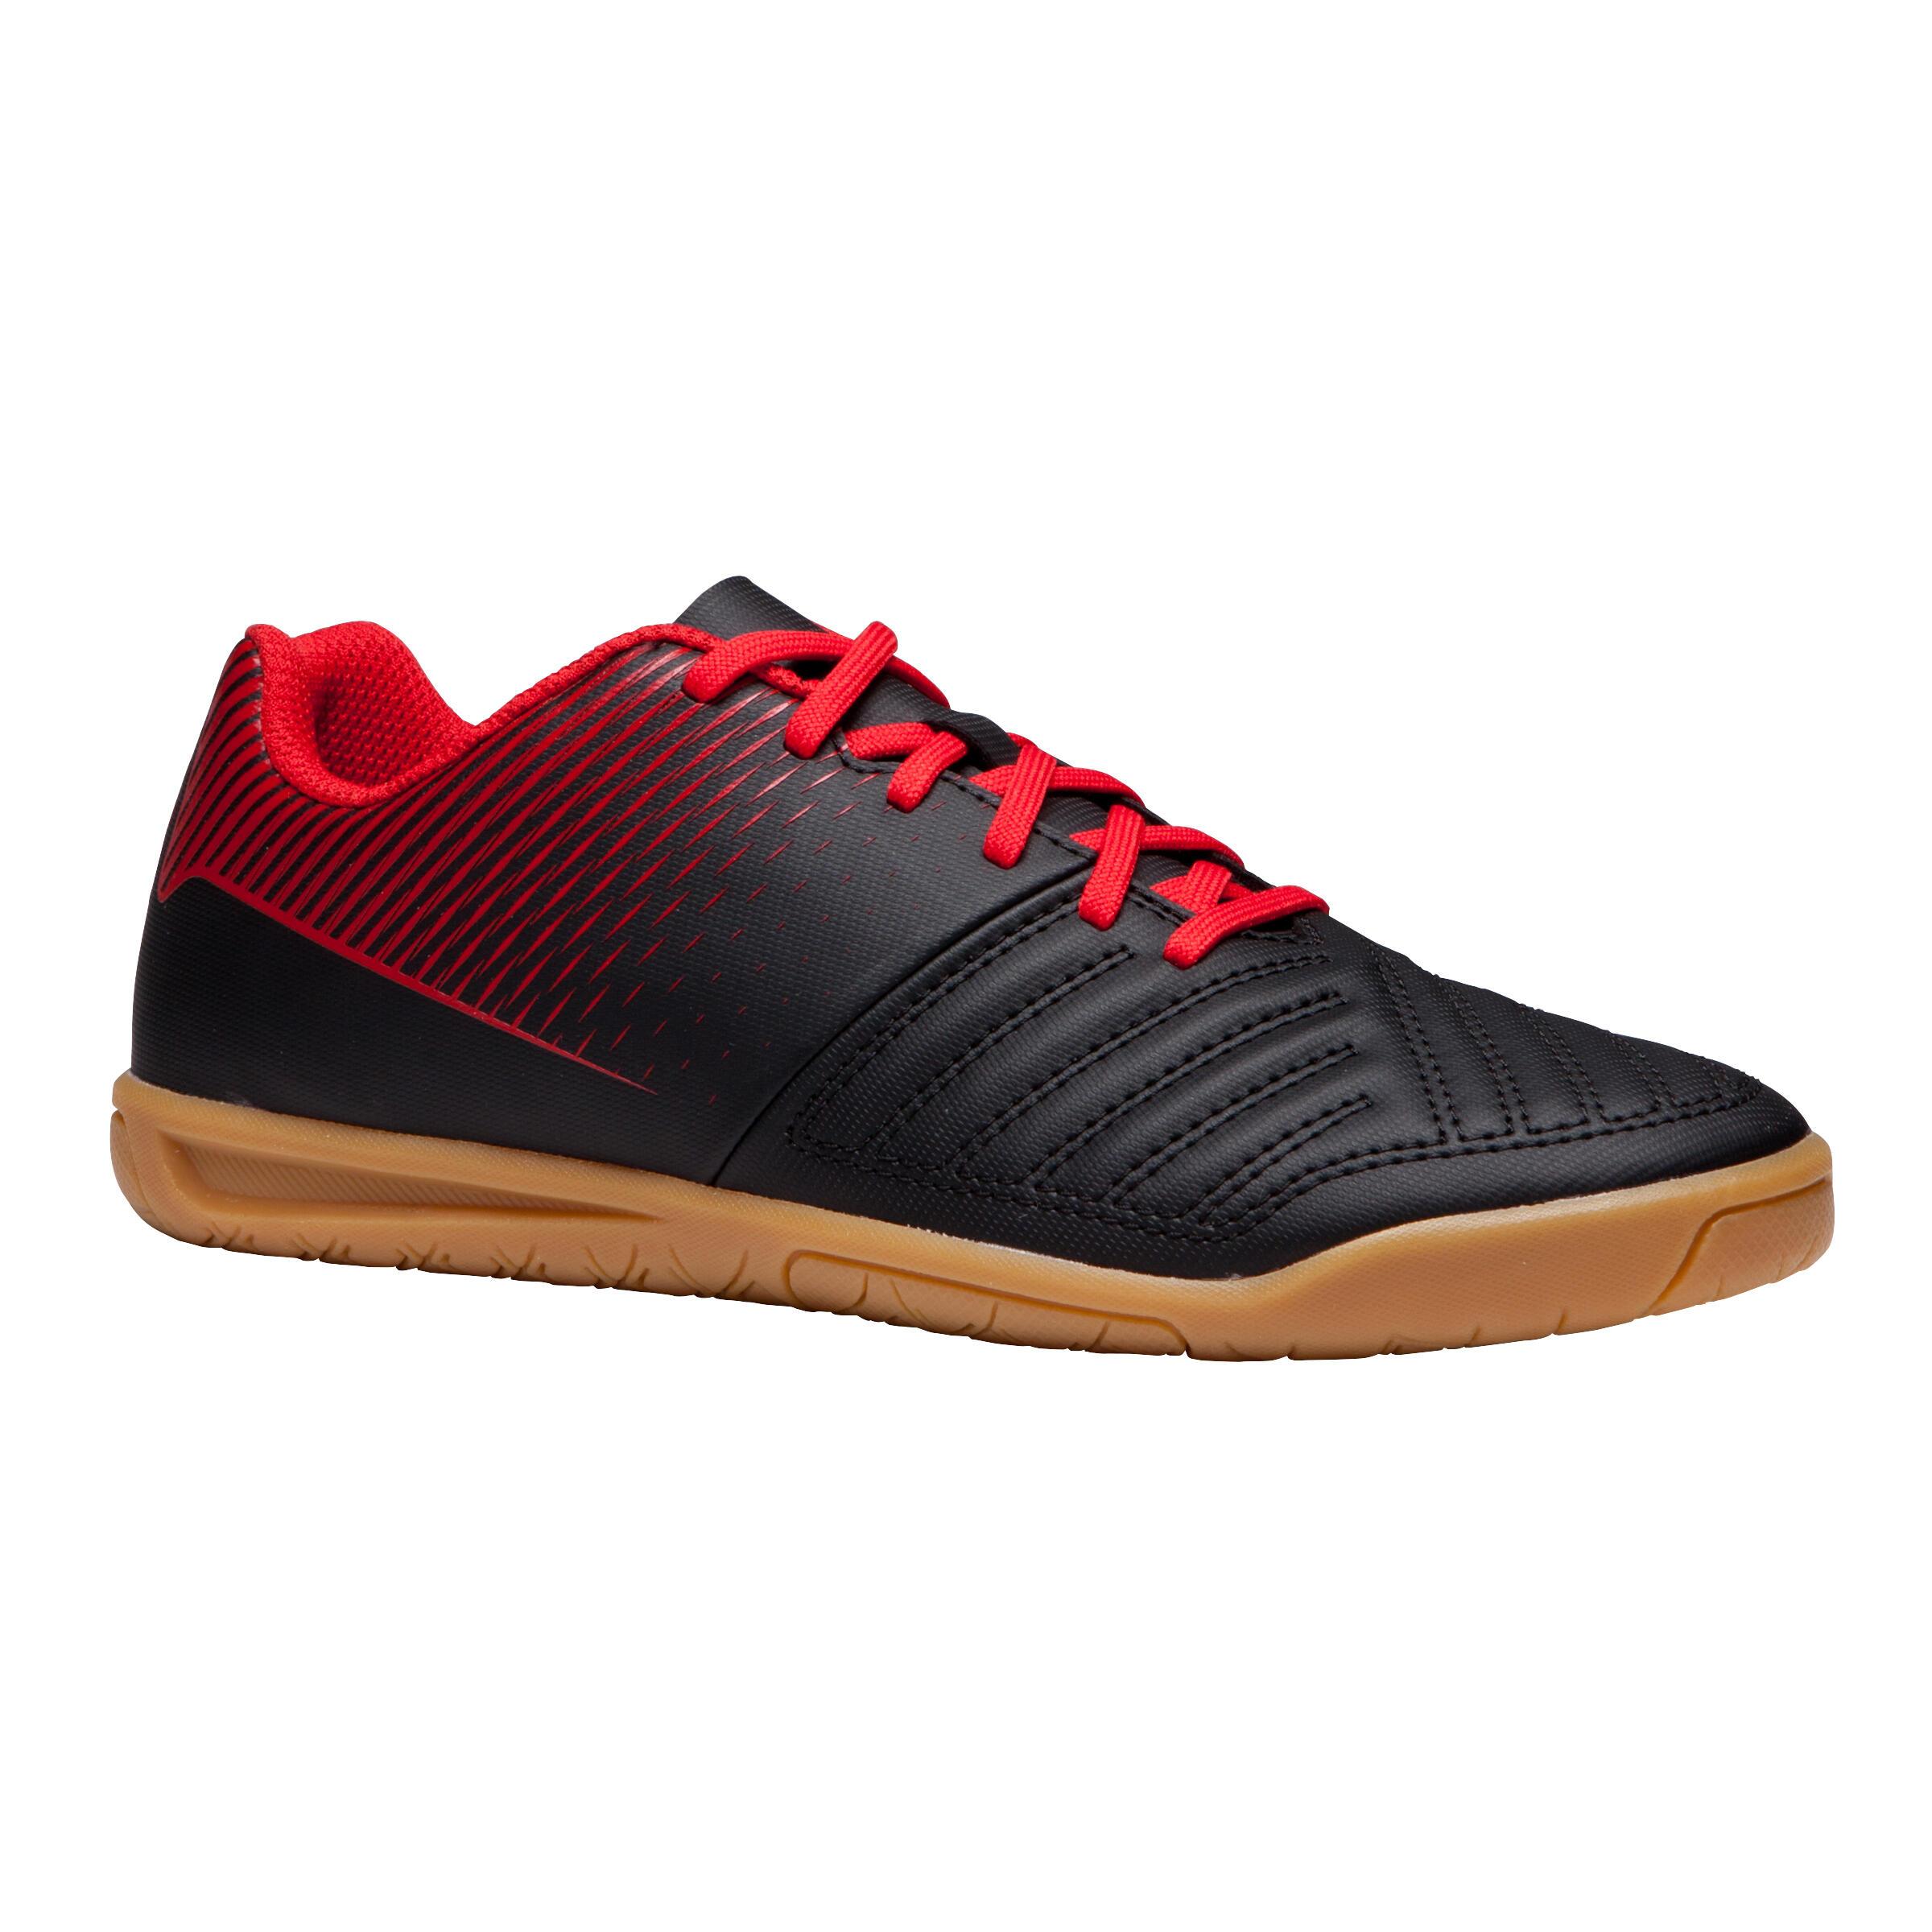 Chaussure de futsal enfant Agilité 100 sala noire rouge